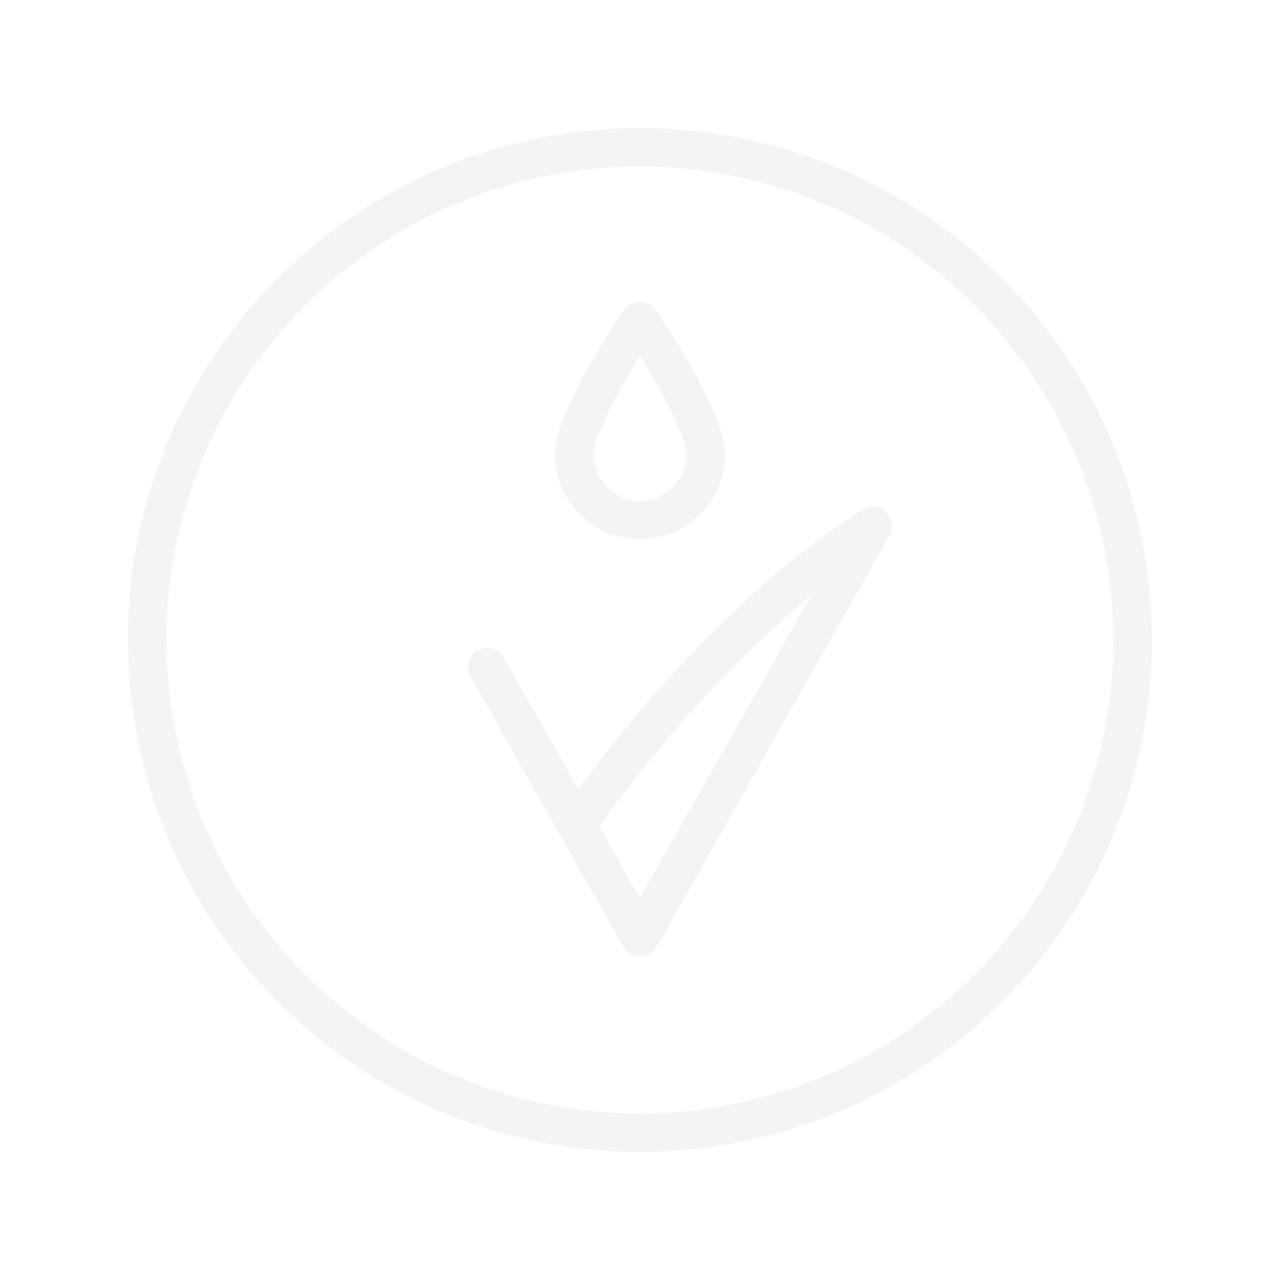 L'OREAL PROFESSIONNEL Vitamino Color A-Ox 10 In 1 Spray 190ml